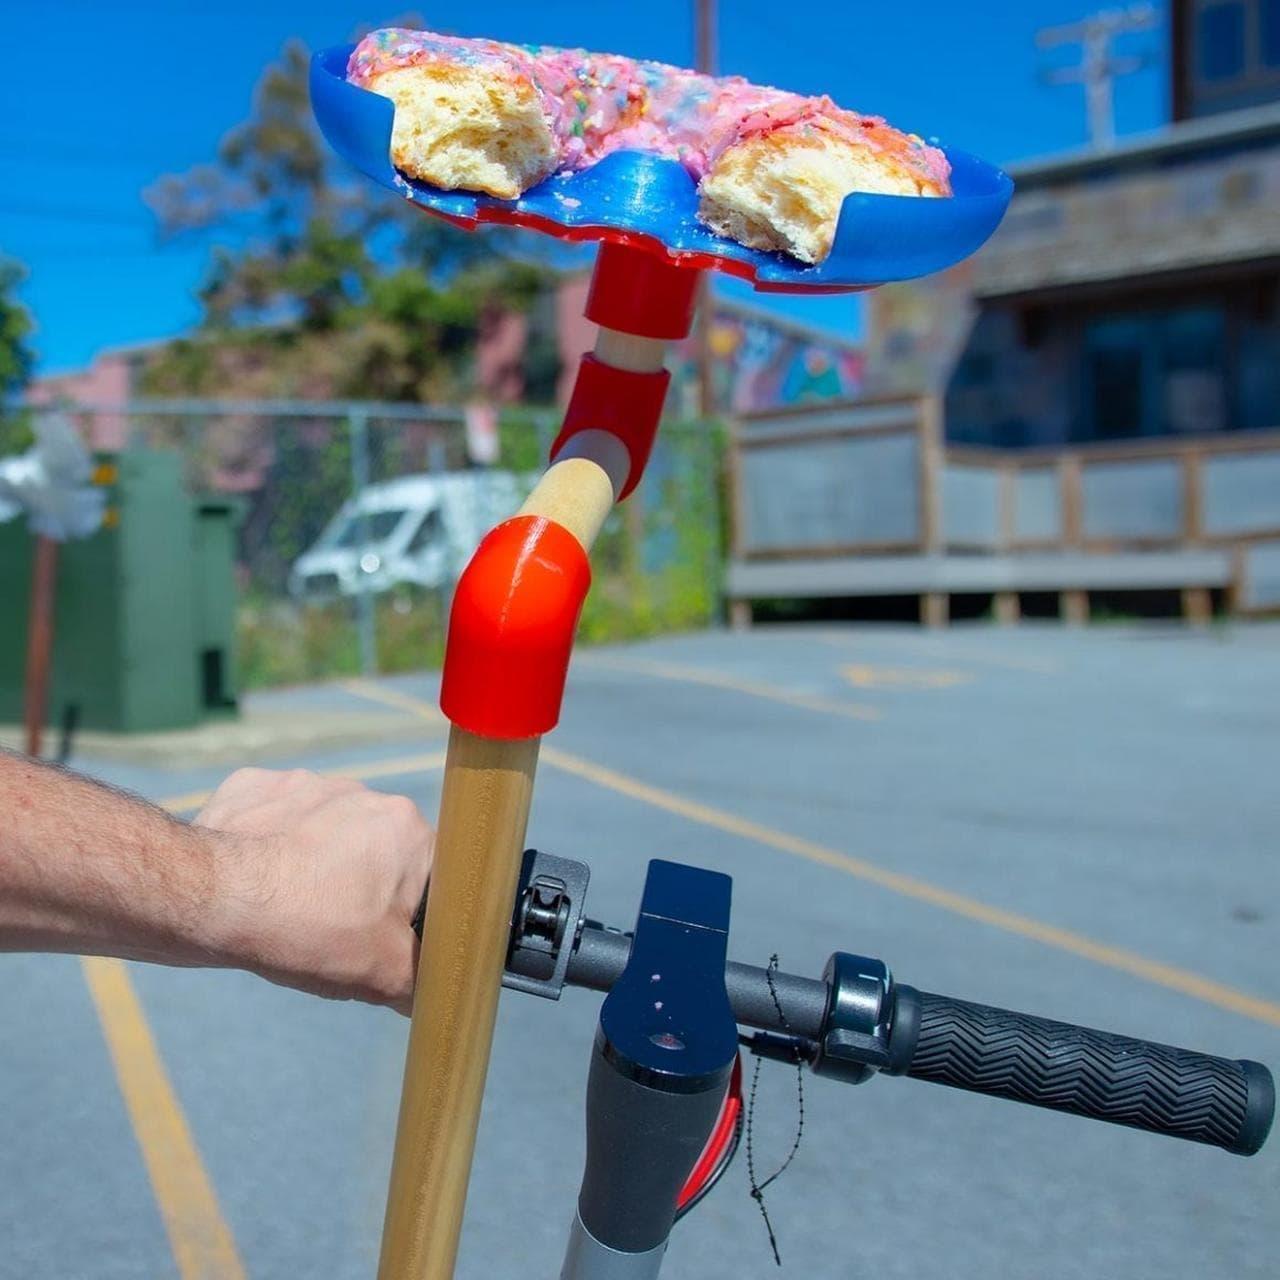 自転車通勤に便利……かもしれない「Scooter Platter」 - 自転車や電動キックボードに装着できる朝食プレート